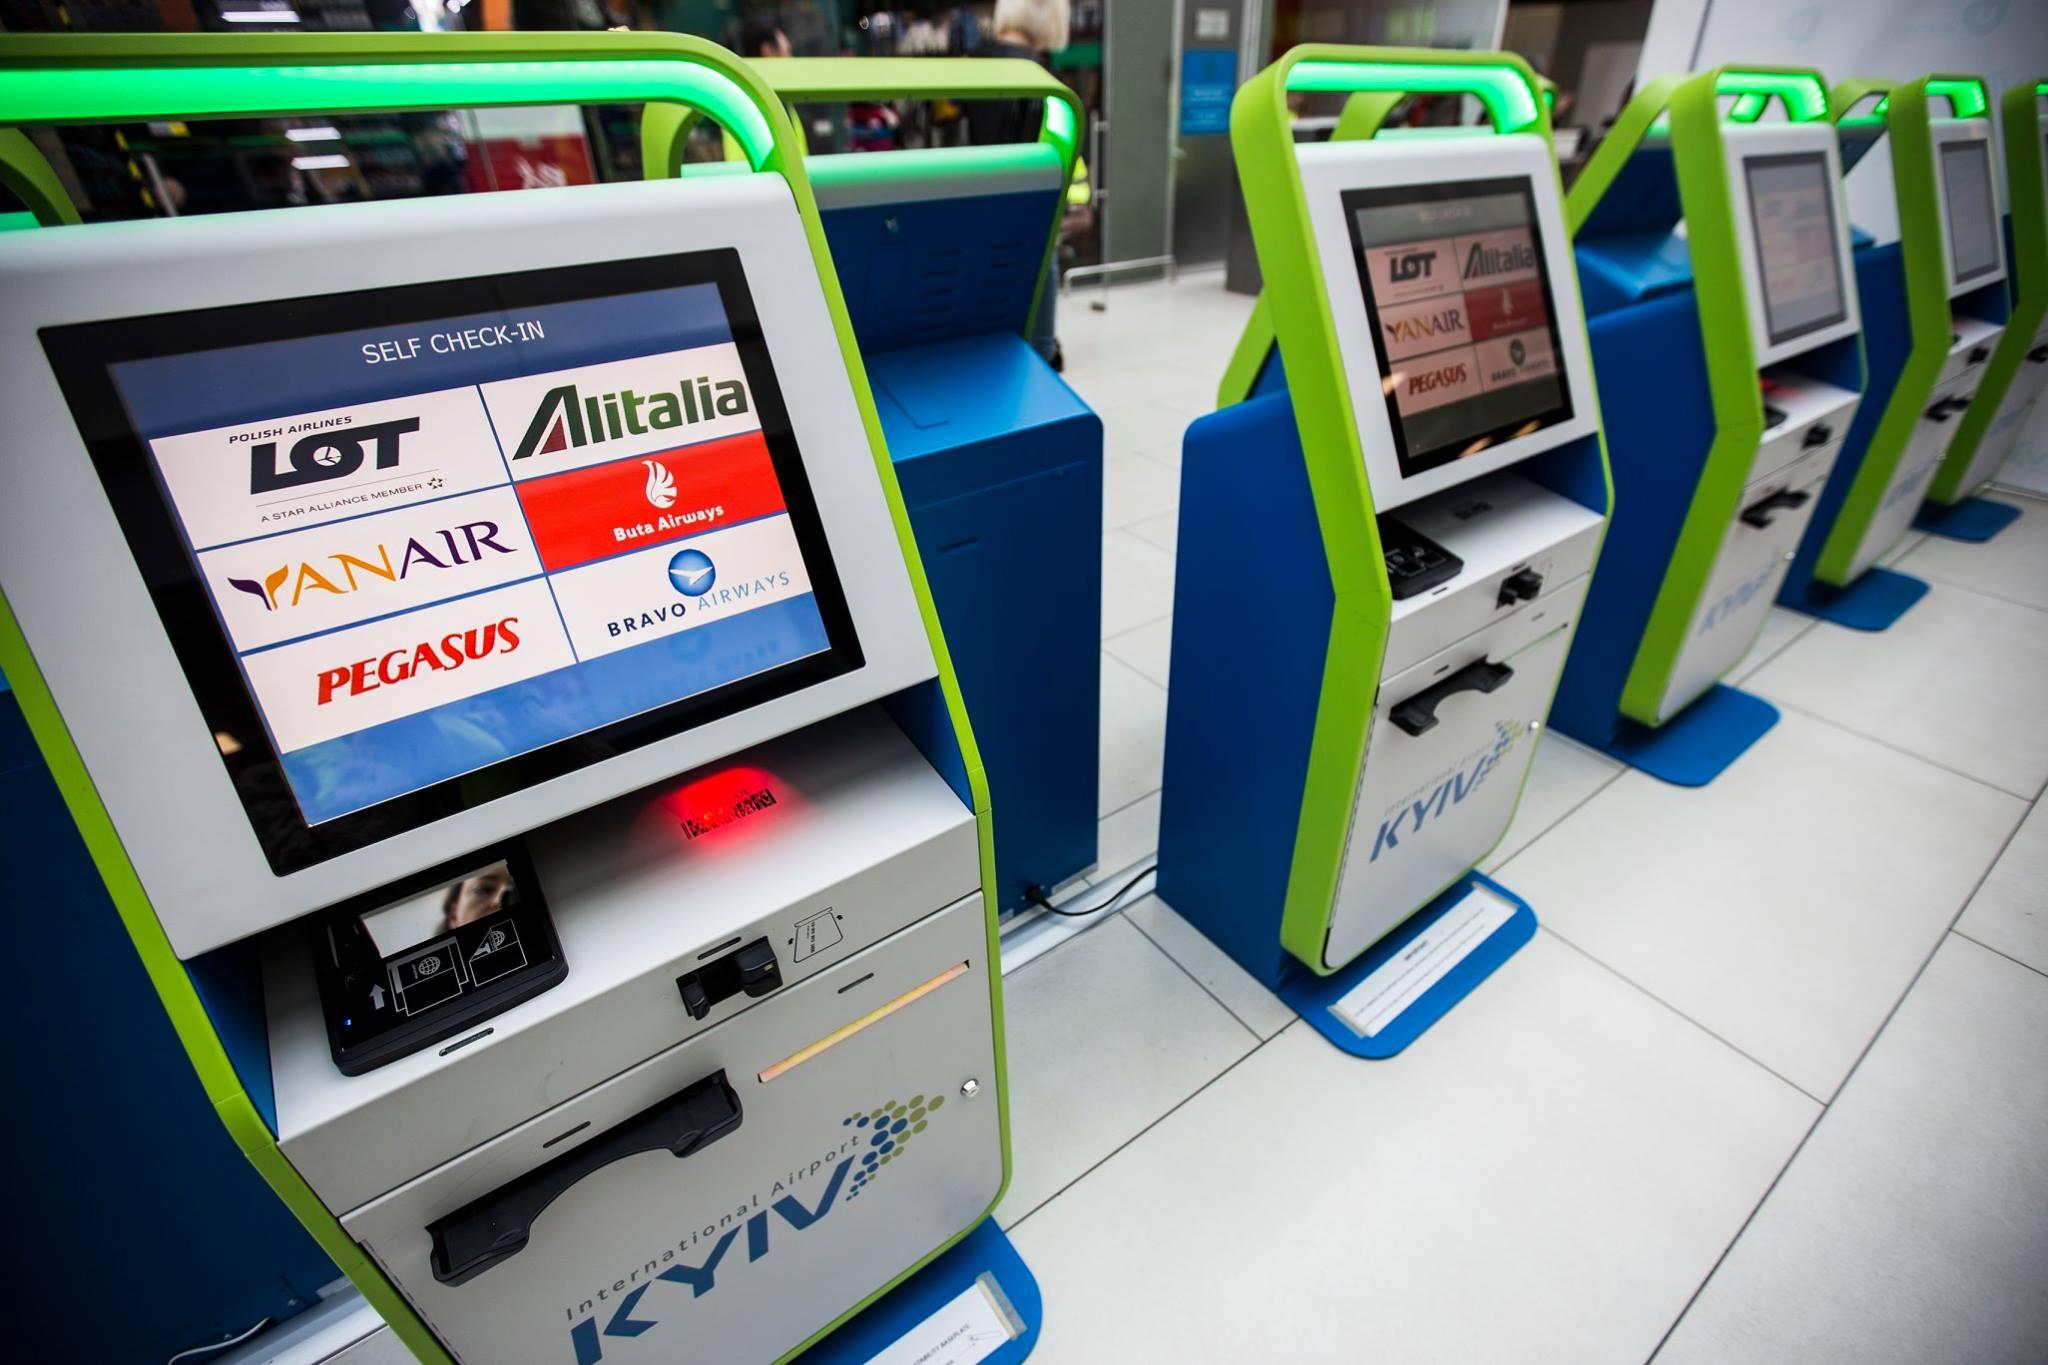 """Будущее """"Жулян"""": зачем аэропорт """"Киев"""" расширяет терминал"""